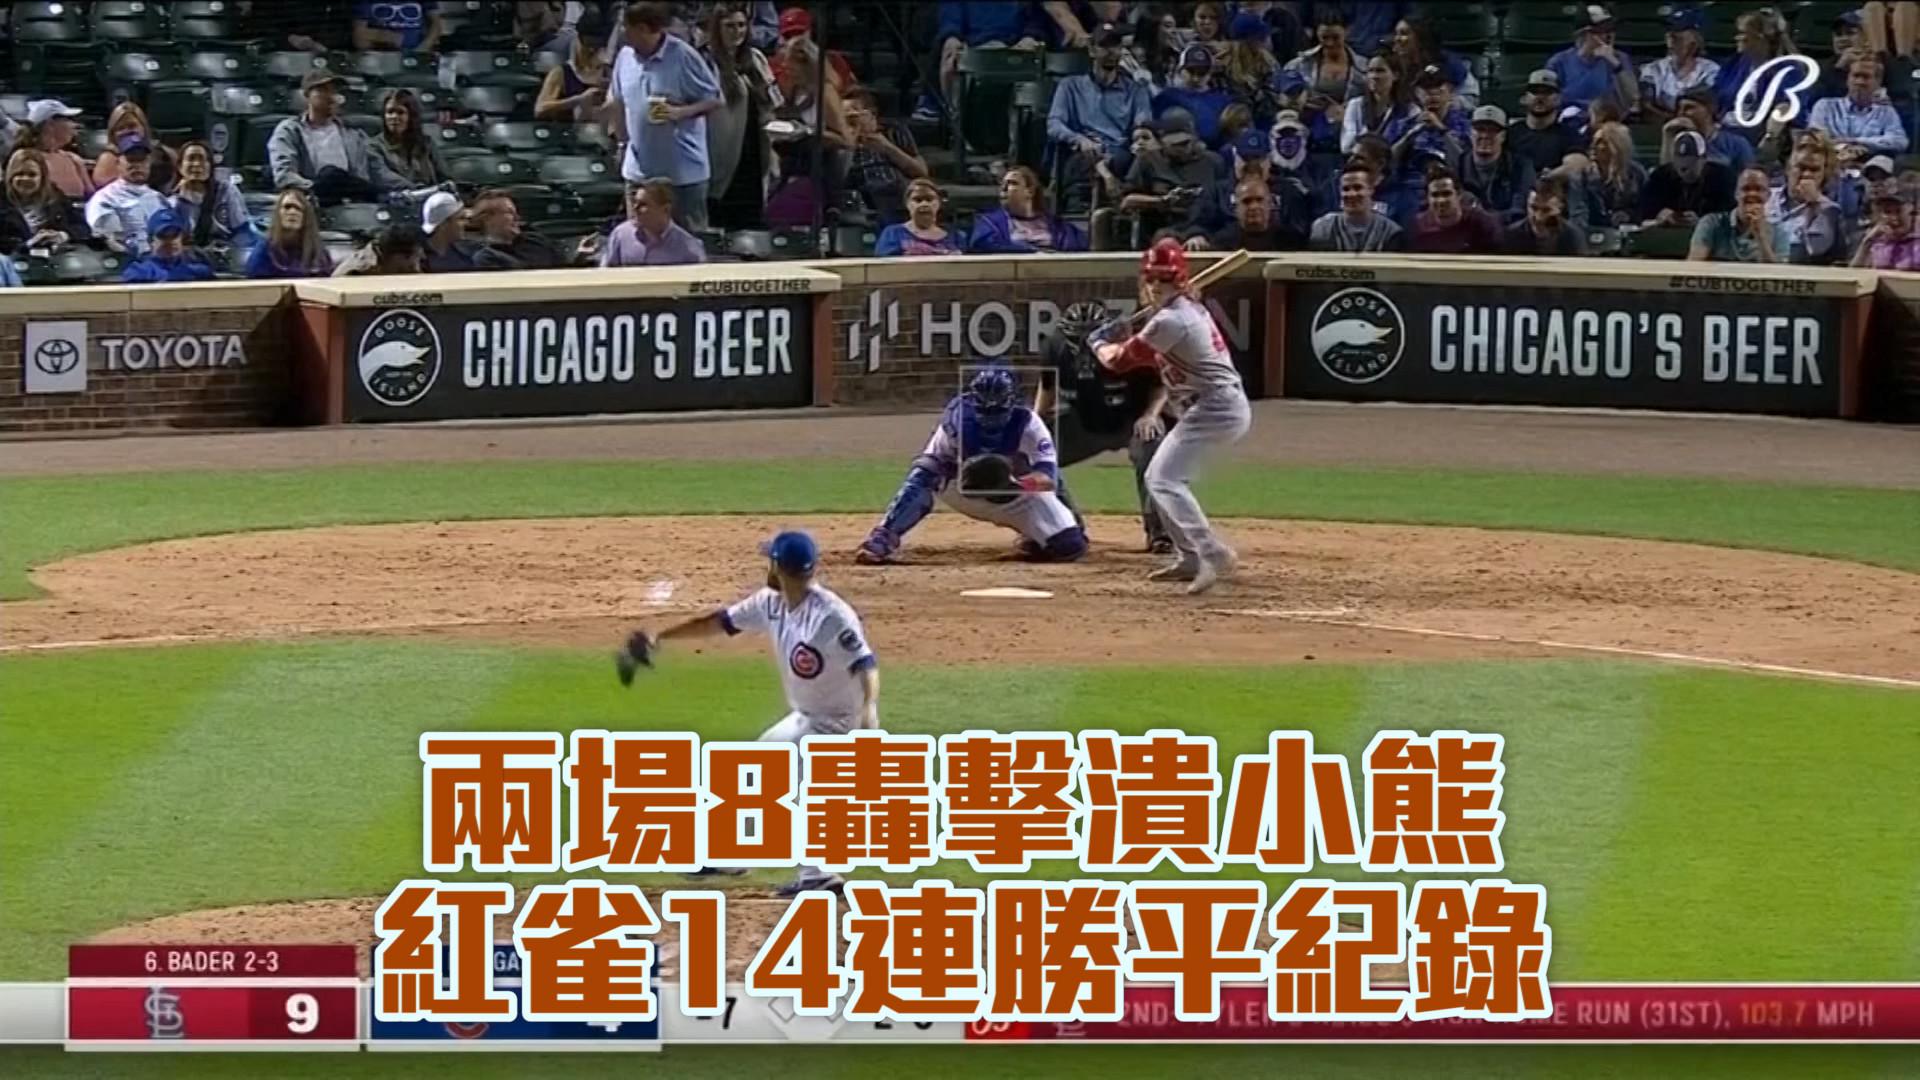 【MLB看愛爾達】兩場8轟擊潰小熊 紅雀14連勝平紀錄 9/25